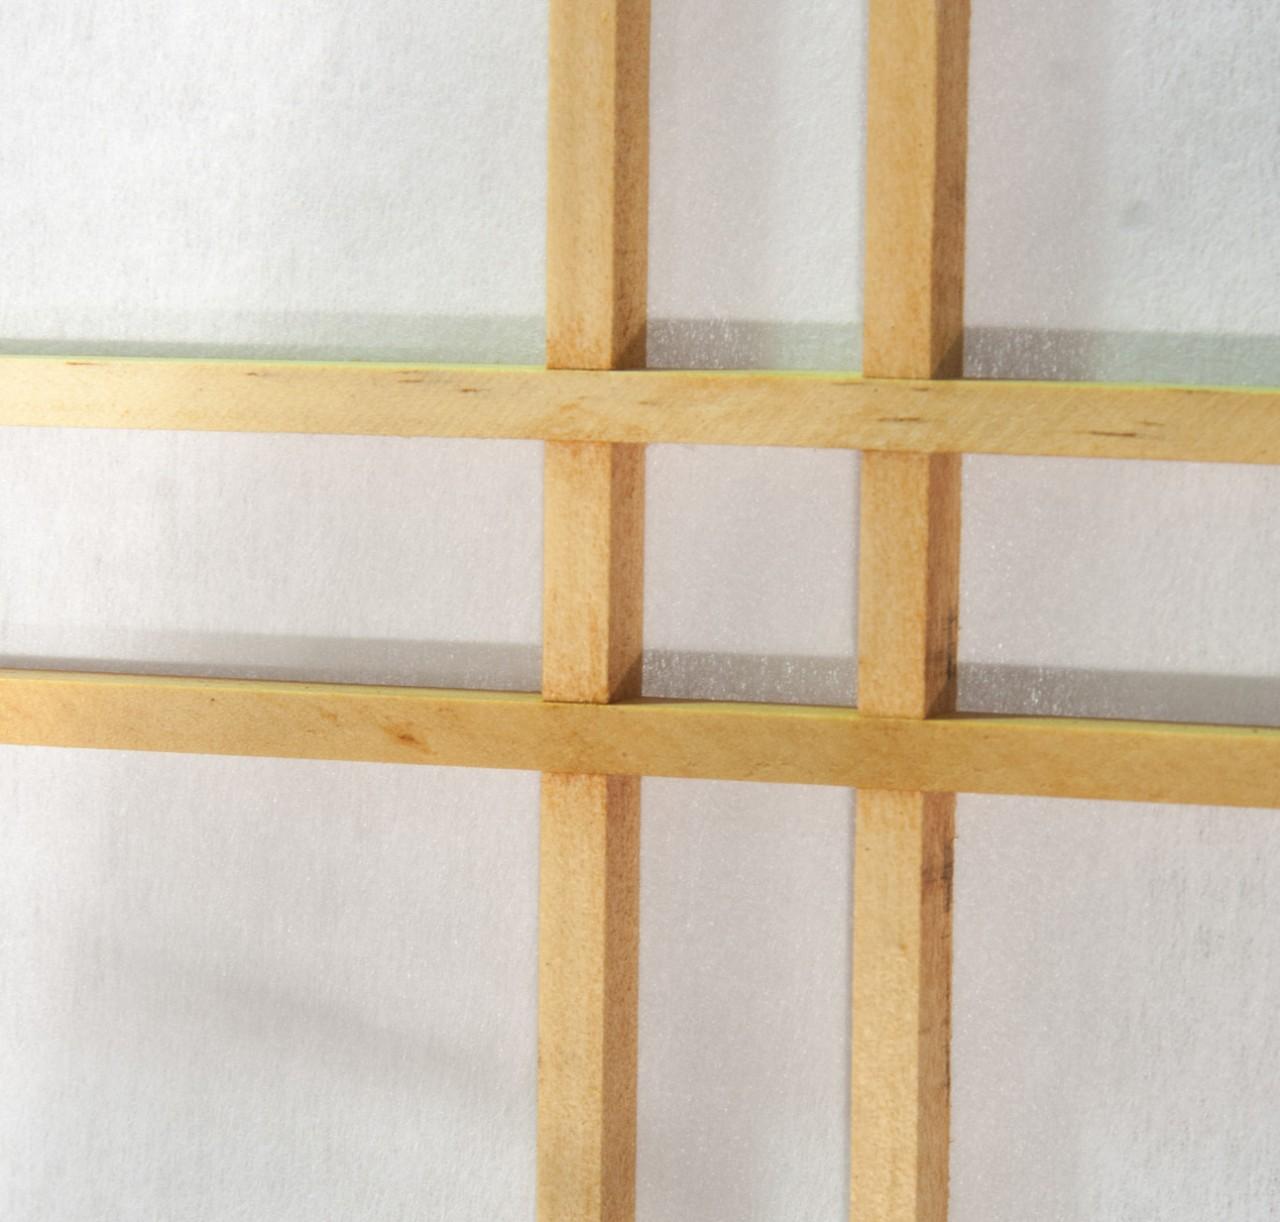 Vorschau: paravent_doublecross_natur_detail_15901b60772d87